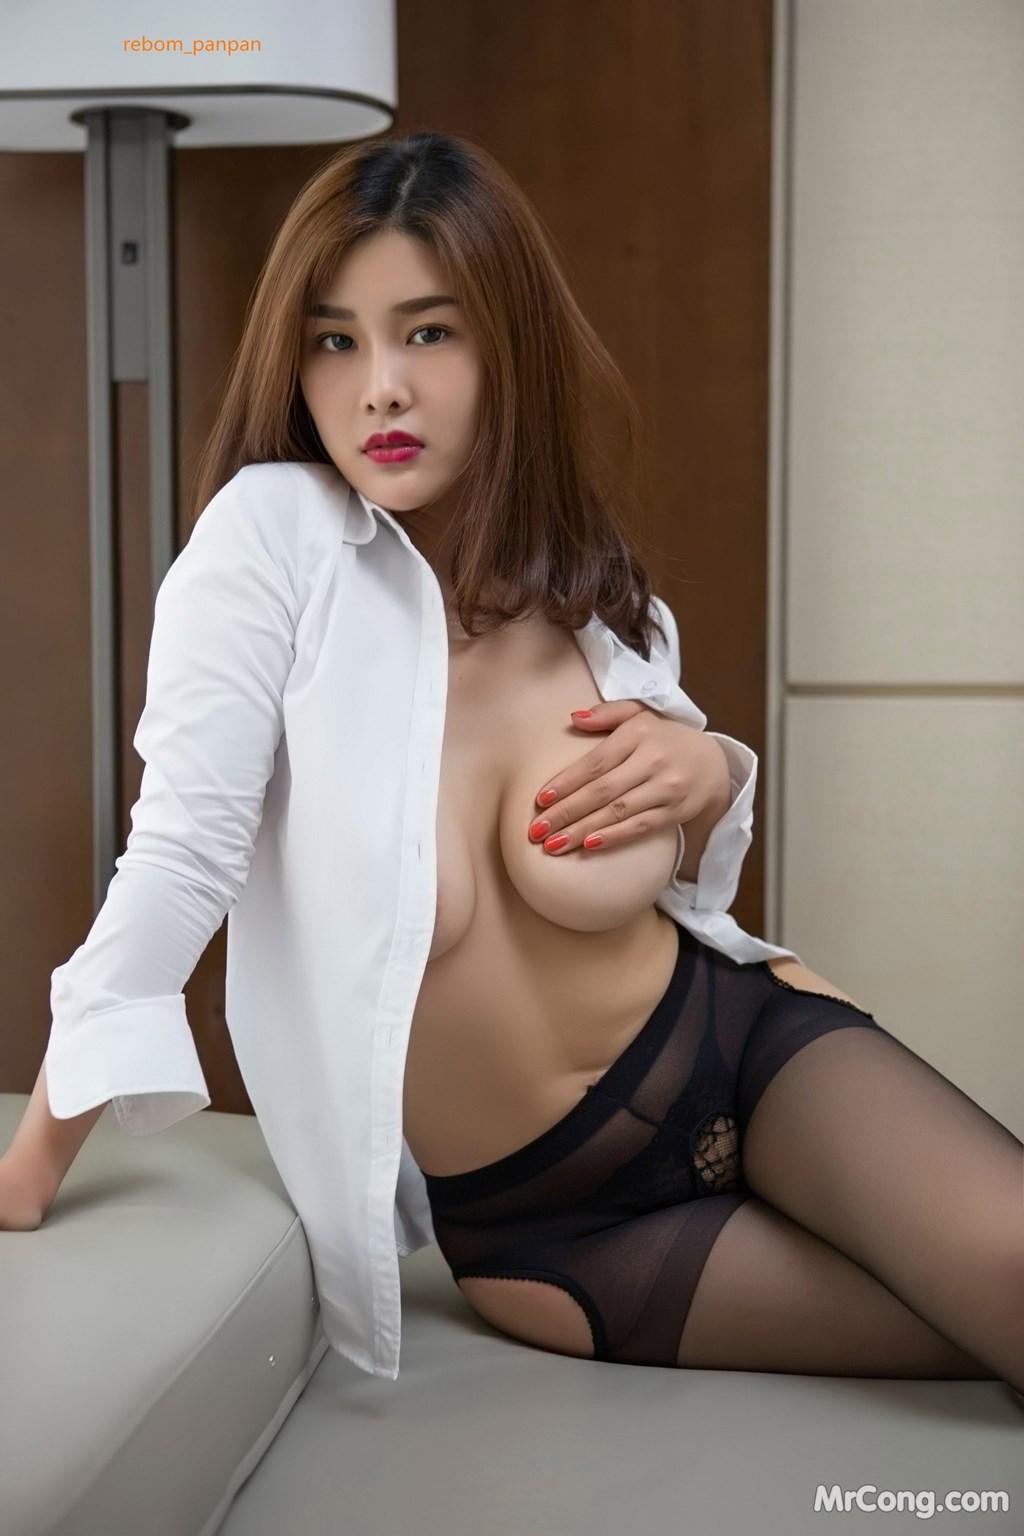 Image Yan-Pan-Pan-Part-4-MrCong.com-033 in post Người đẹp Yan Pan Pan (闫盼盼) hờ hững khoe vòng một trên giường ngủ (40 ảnh)